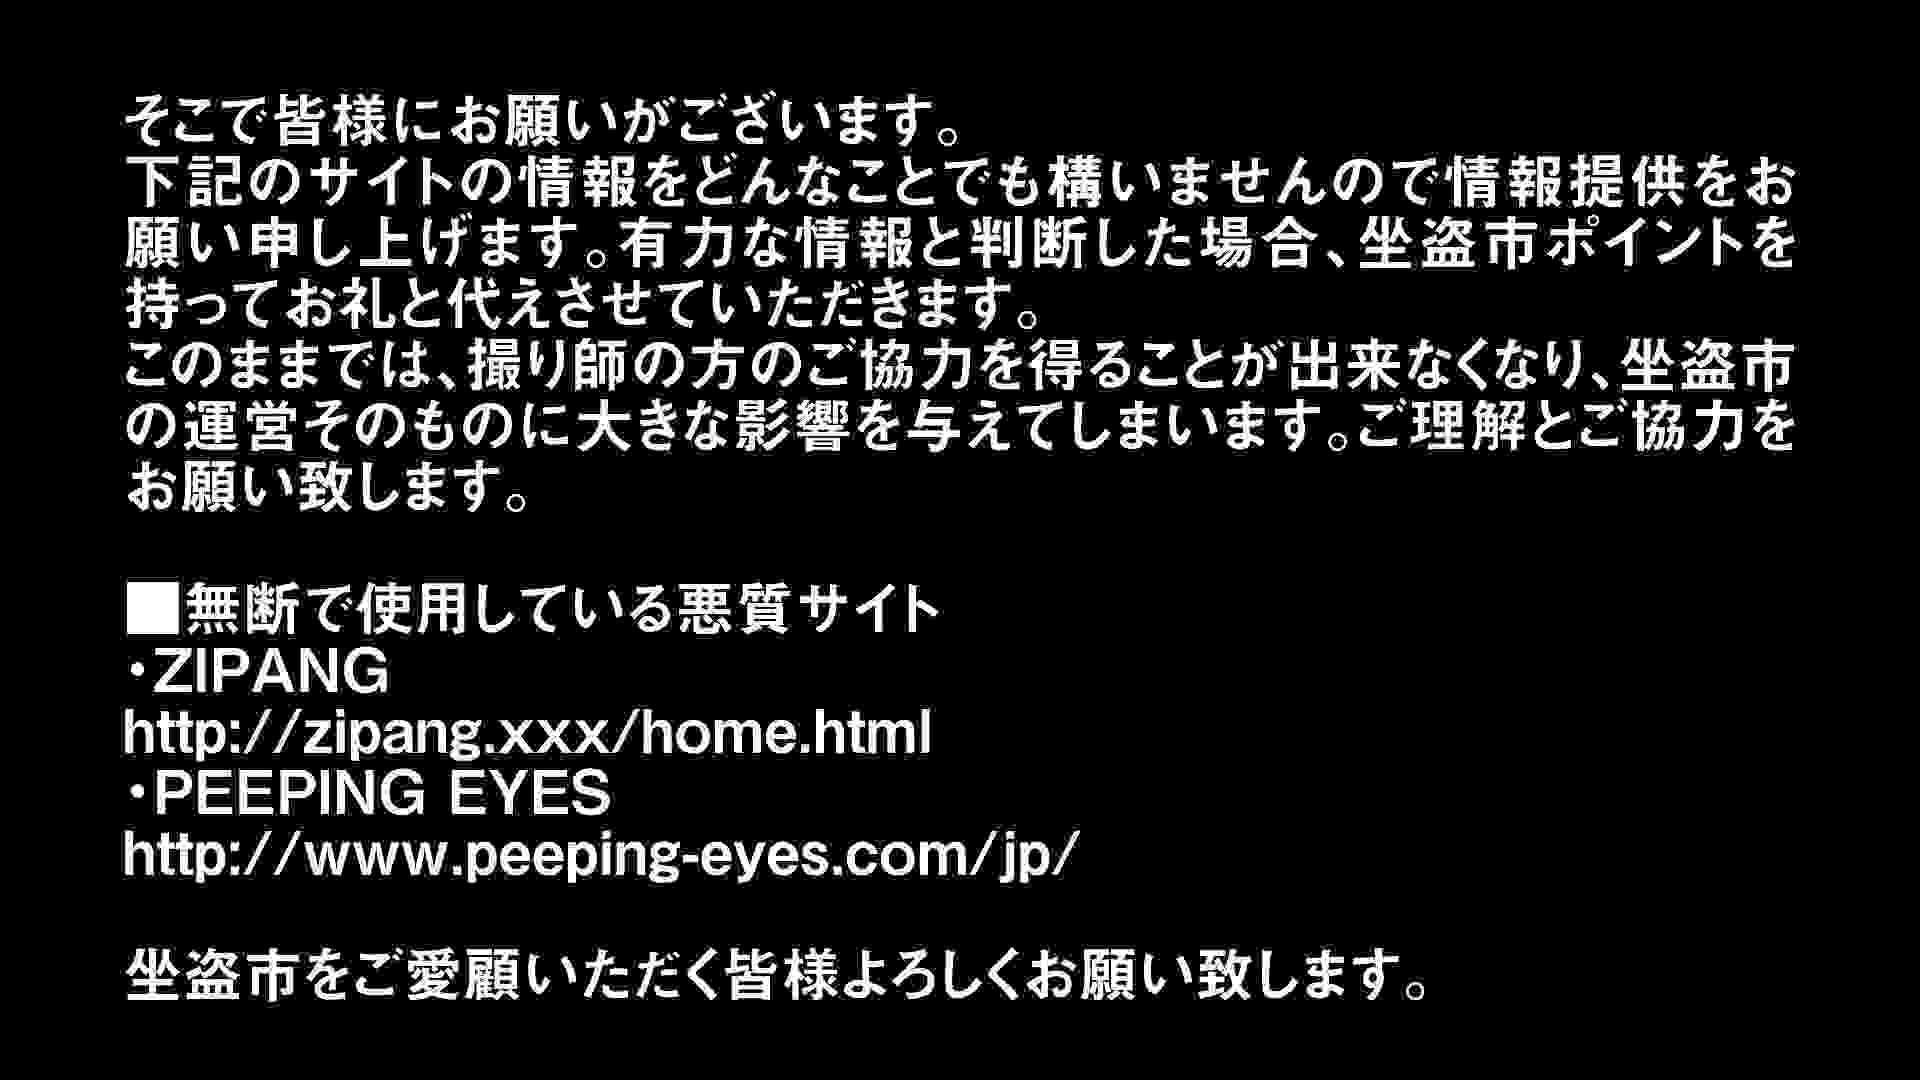 Aquaな露天風呂Vol.300 OLのエロ生活 隠し撮りオマンコ動画紹介 83連発 29